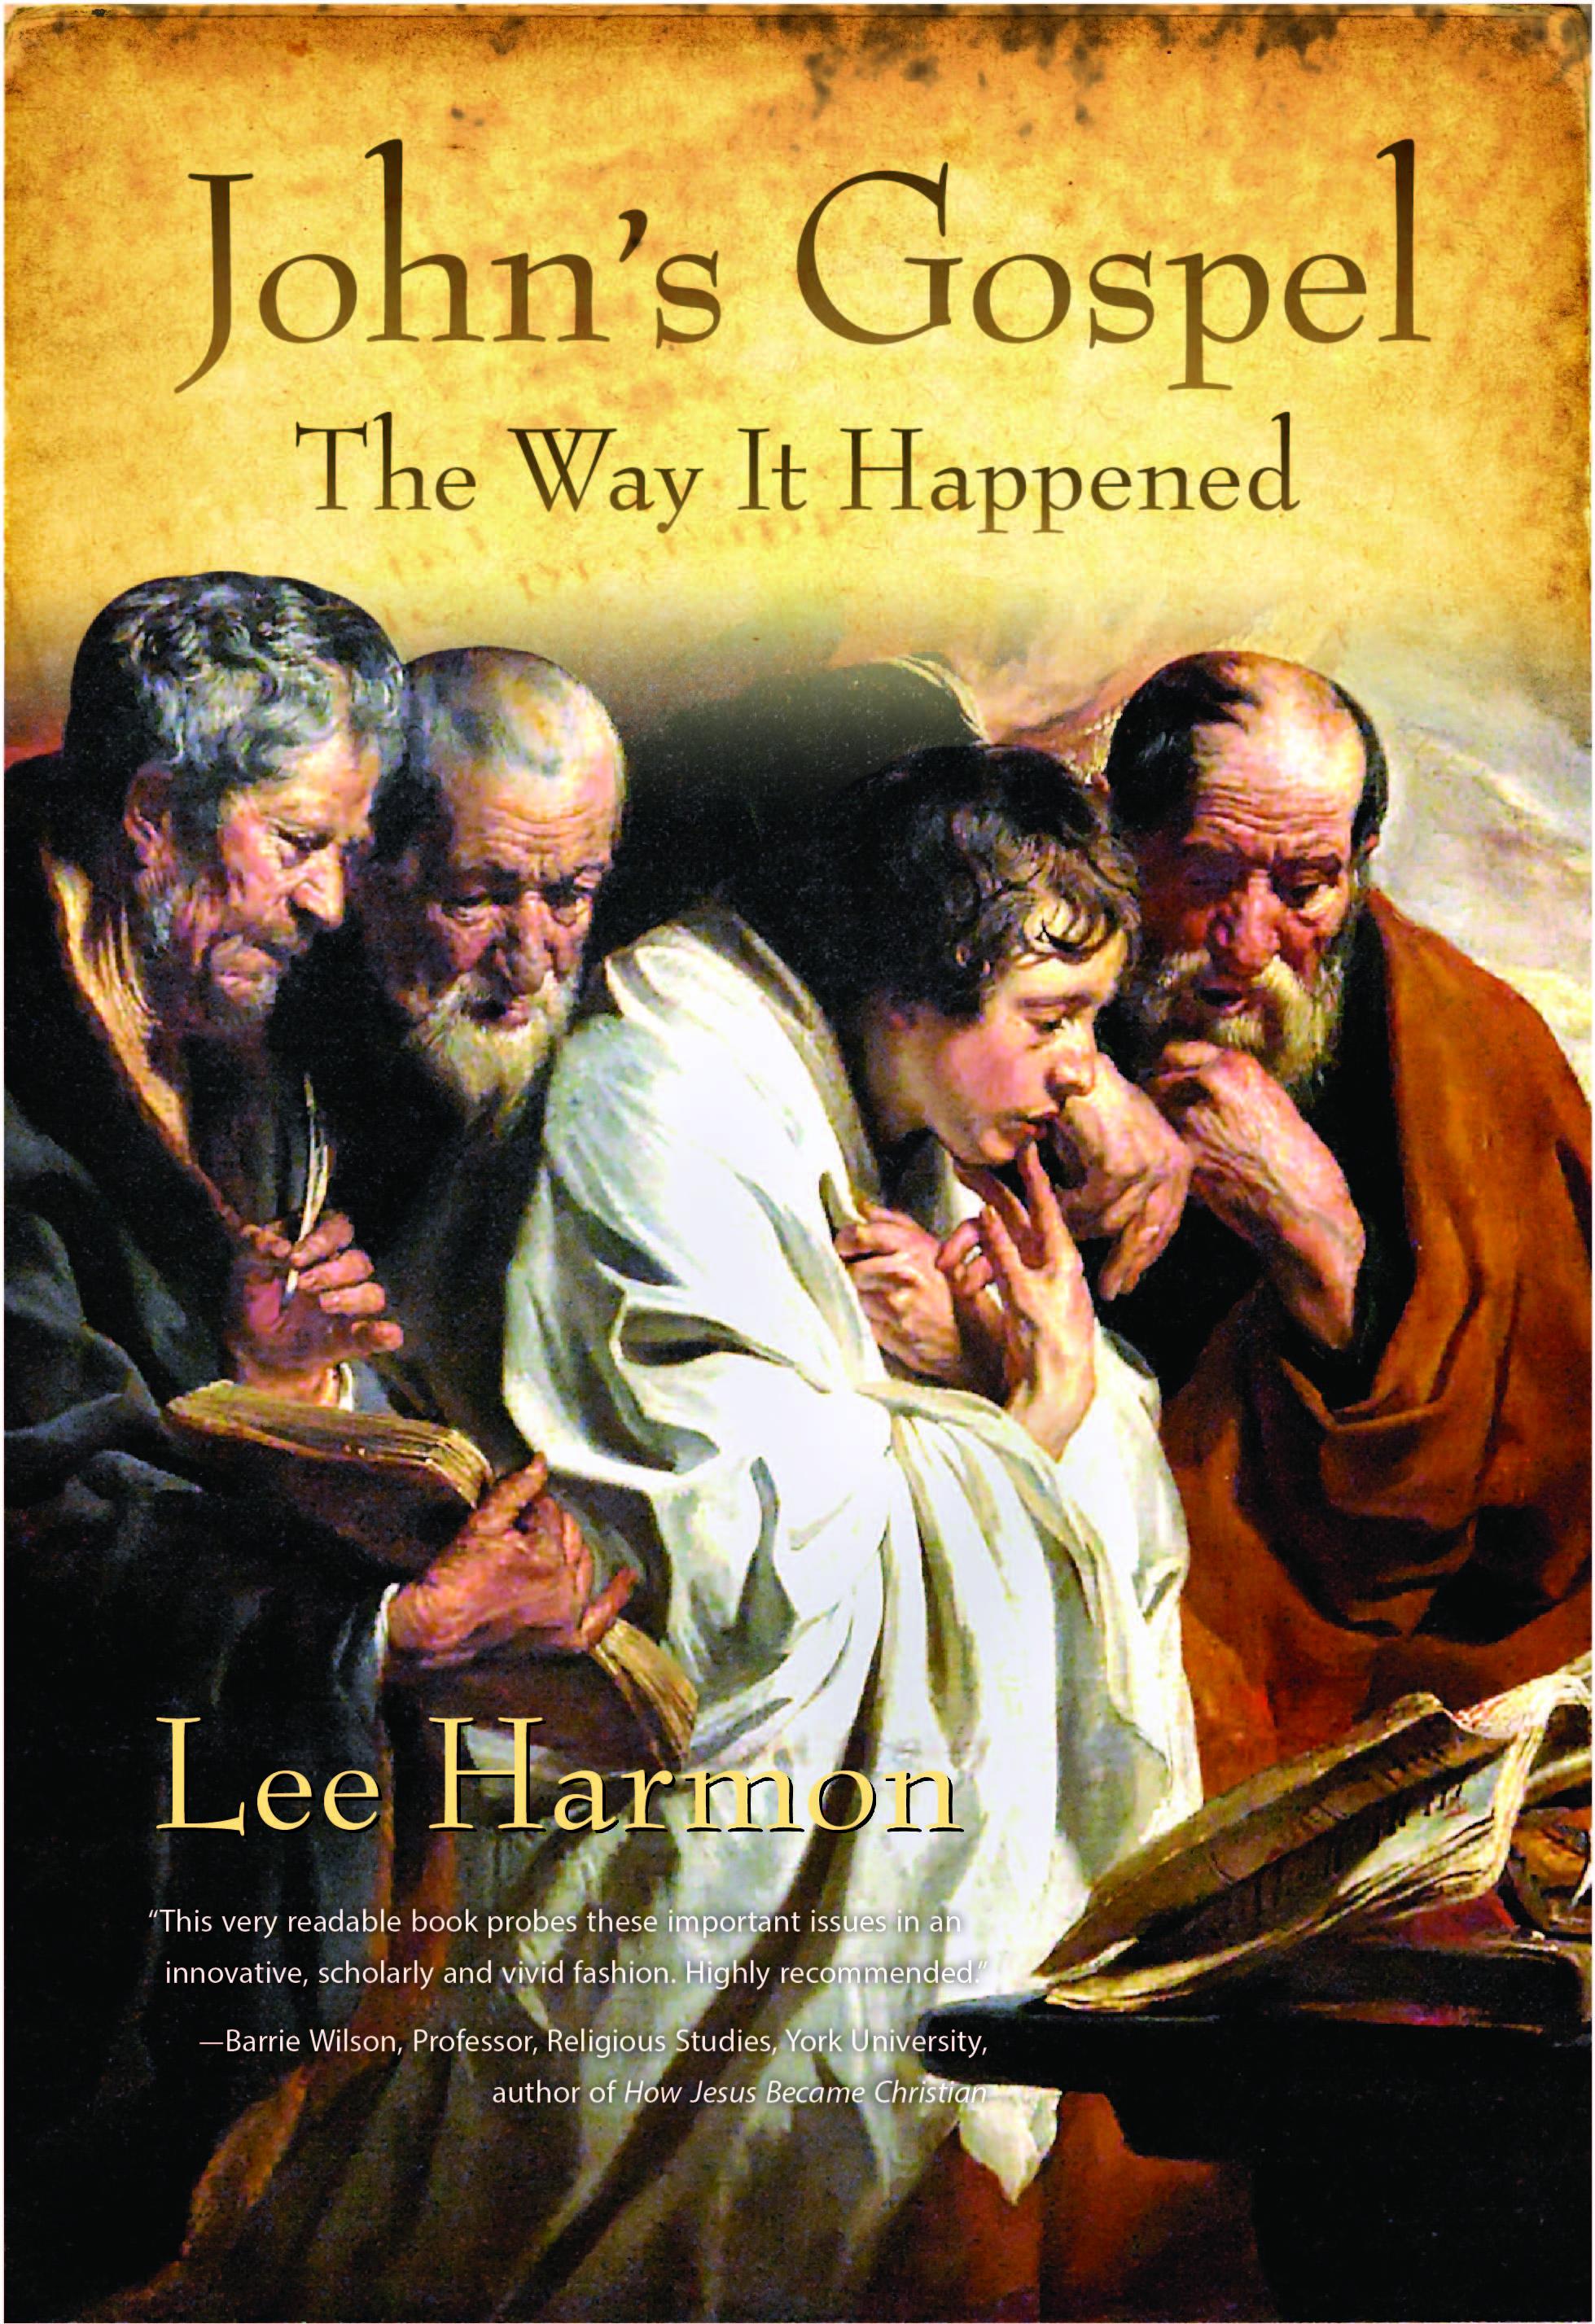 http://www.dubiousdisciple.com/wp-content/uploads/2012/10/Harmon_Gospel_cvr.jpg